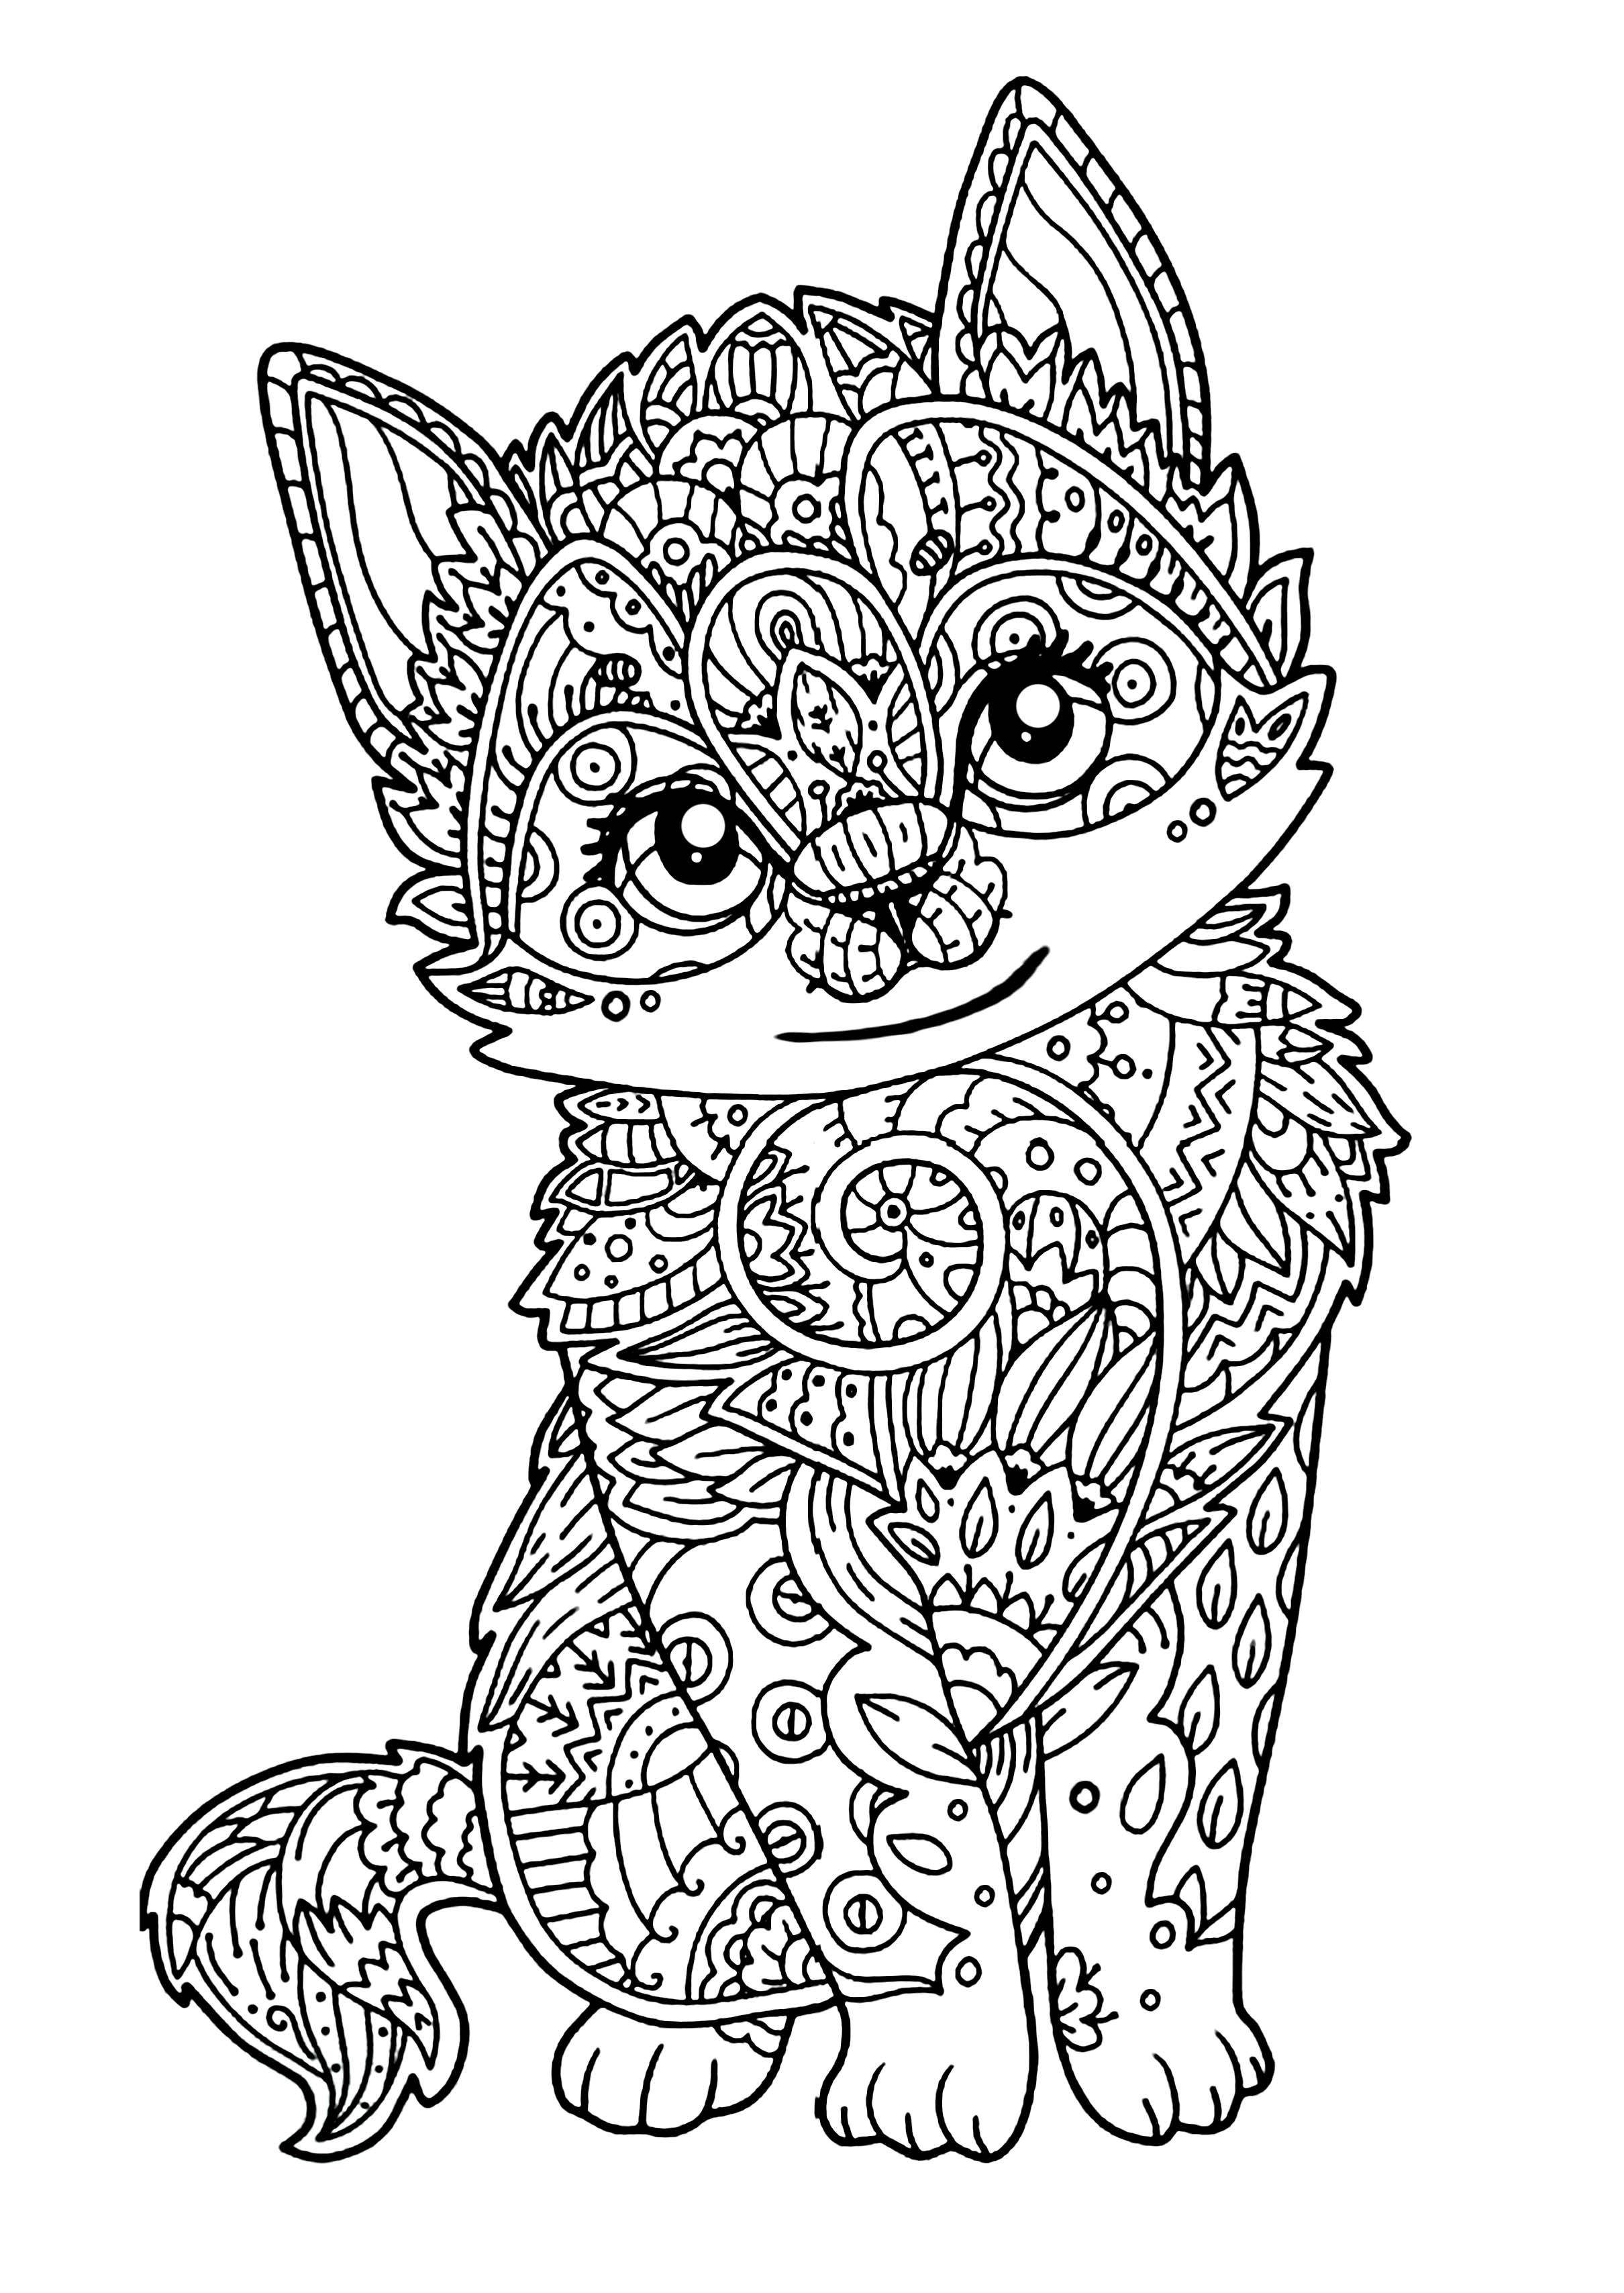 Disegni da colorare per adulti : Gatti - 12